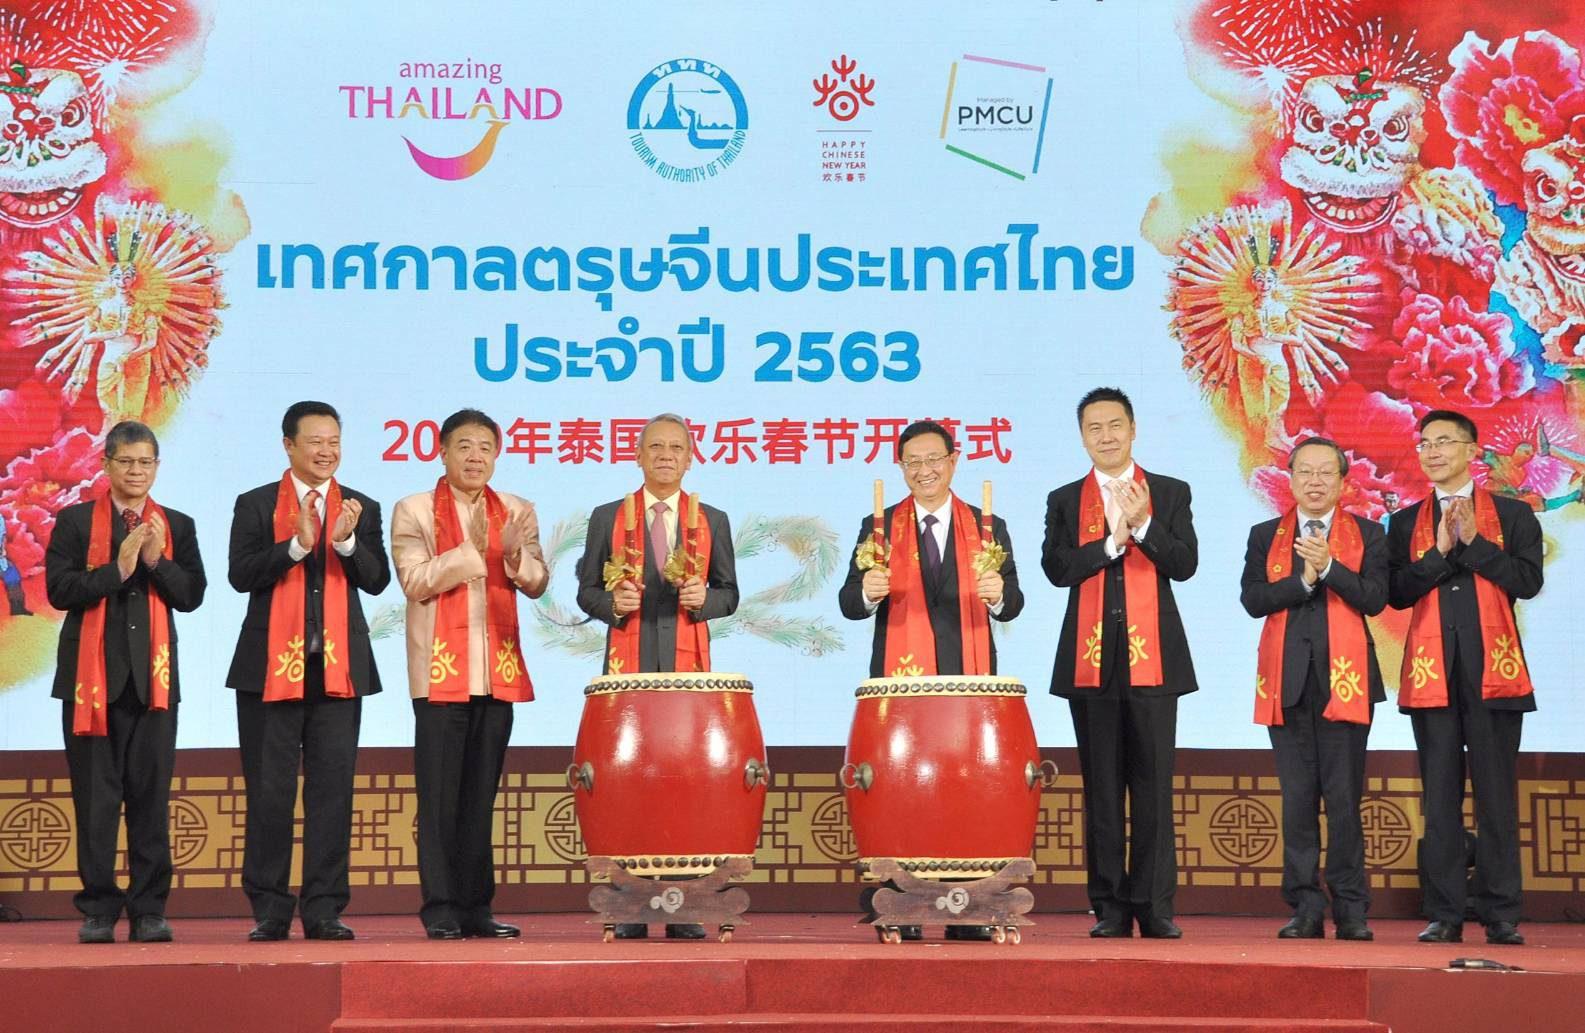 ททท. จัดเทศกาลตรุษจีนประเทศไทย ปี 2563 ย้ำสัมพันธ์ 45 ปีการทูตไทย-จีน